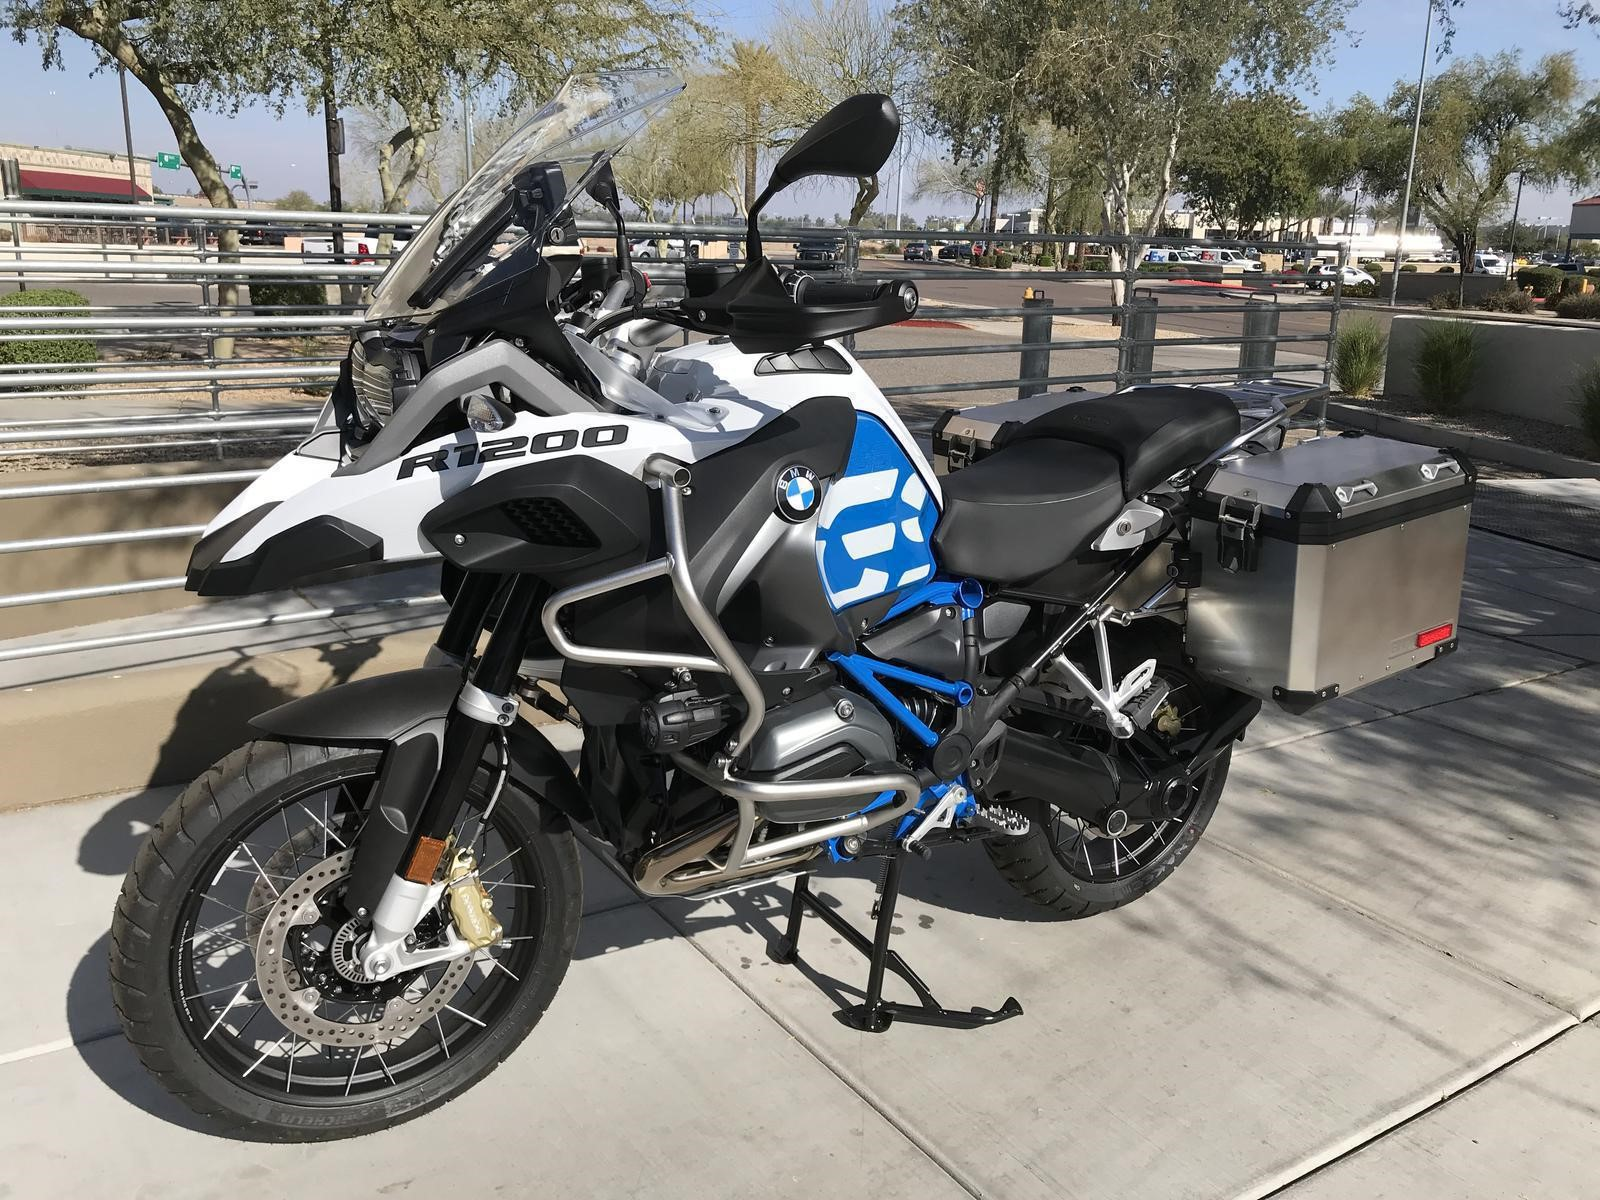 BMW Motorrad presentó su BMW R1200GS autopropulsado en el CES de 2019